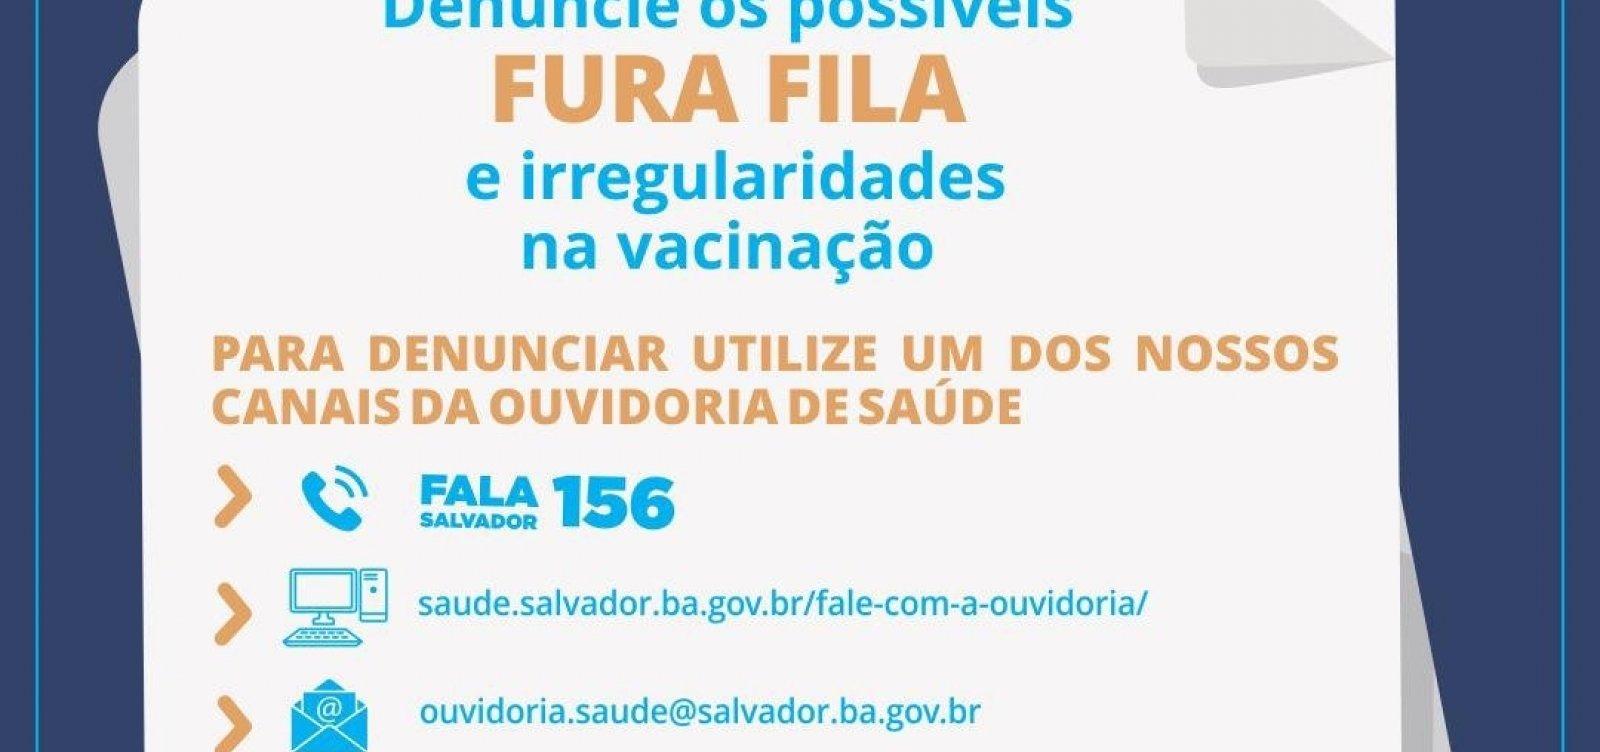 Salvador cria canal de denúncias sobre vacinação da Covid-19